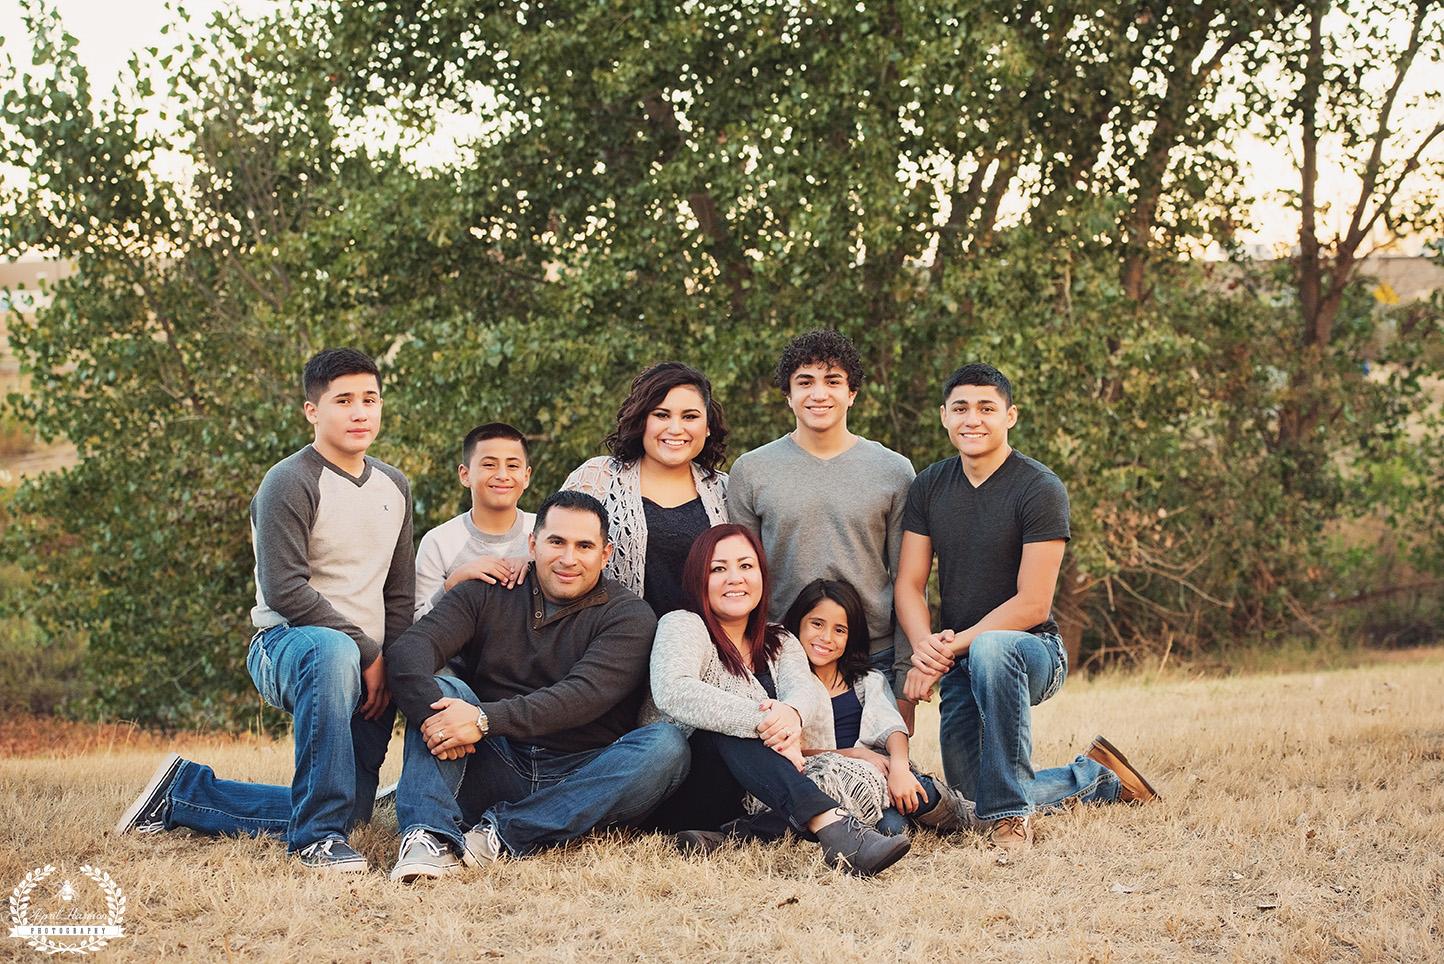 family-photography-gardencity-ks-28.jpg